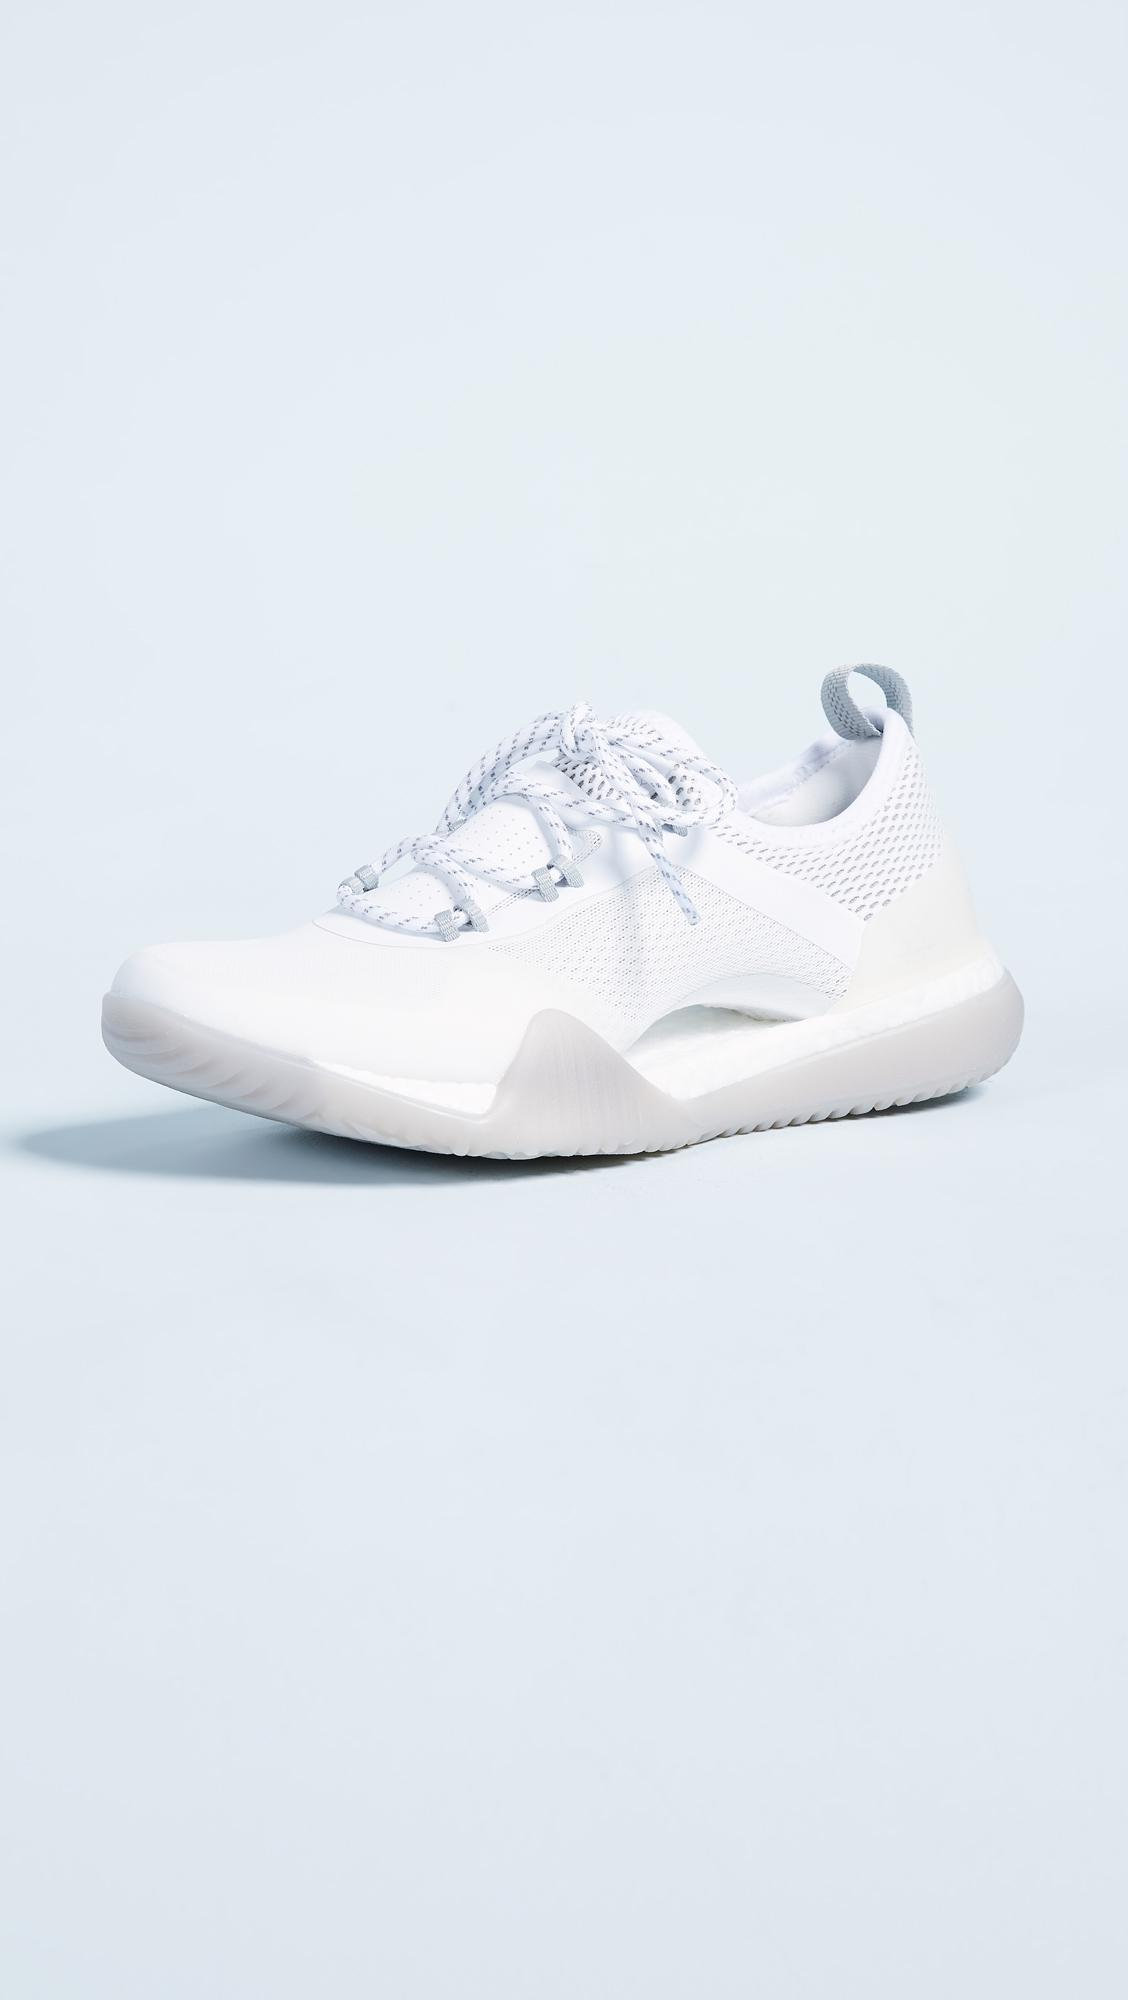 Adidas by Stella McCartney Lyst pureboost blanco x tr zapatillas en blanco pureboost 8254f2